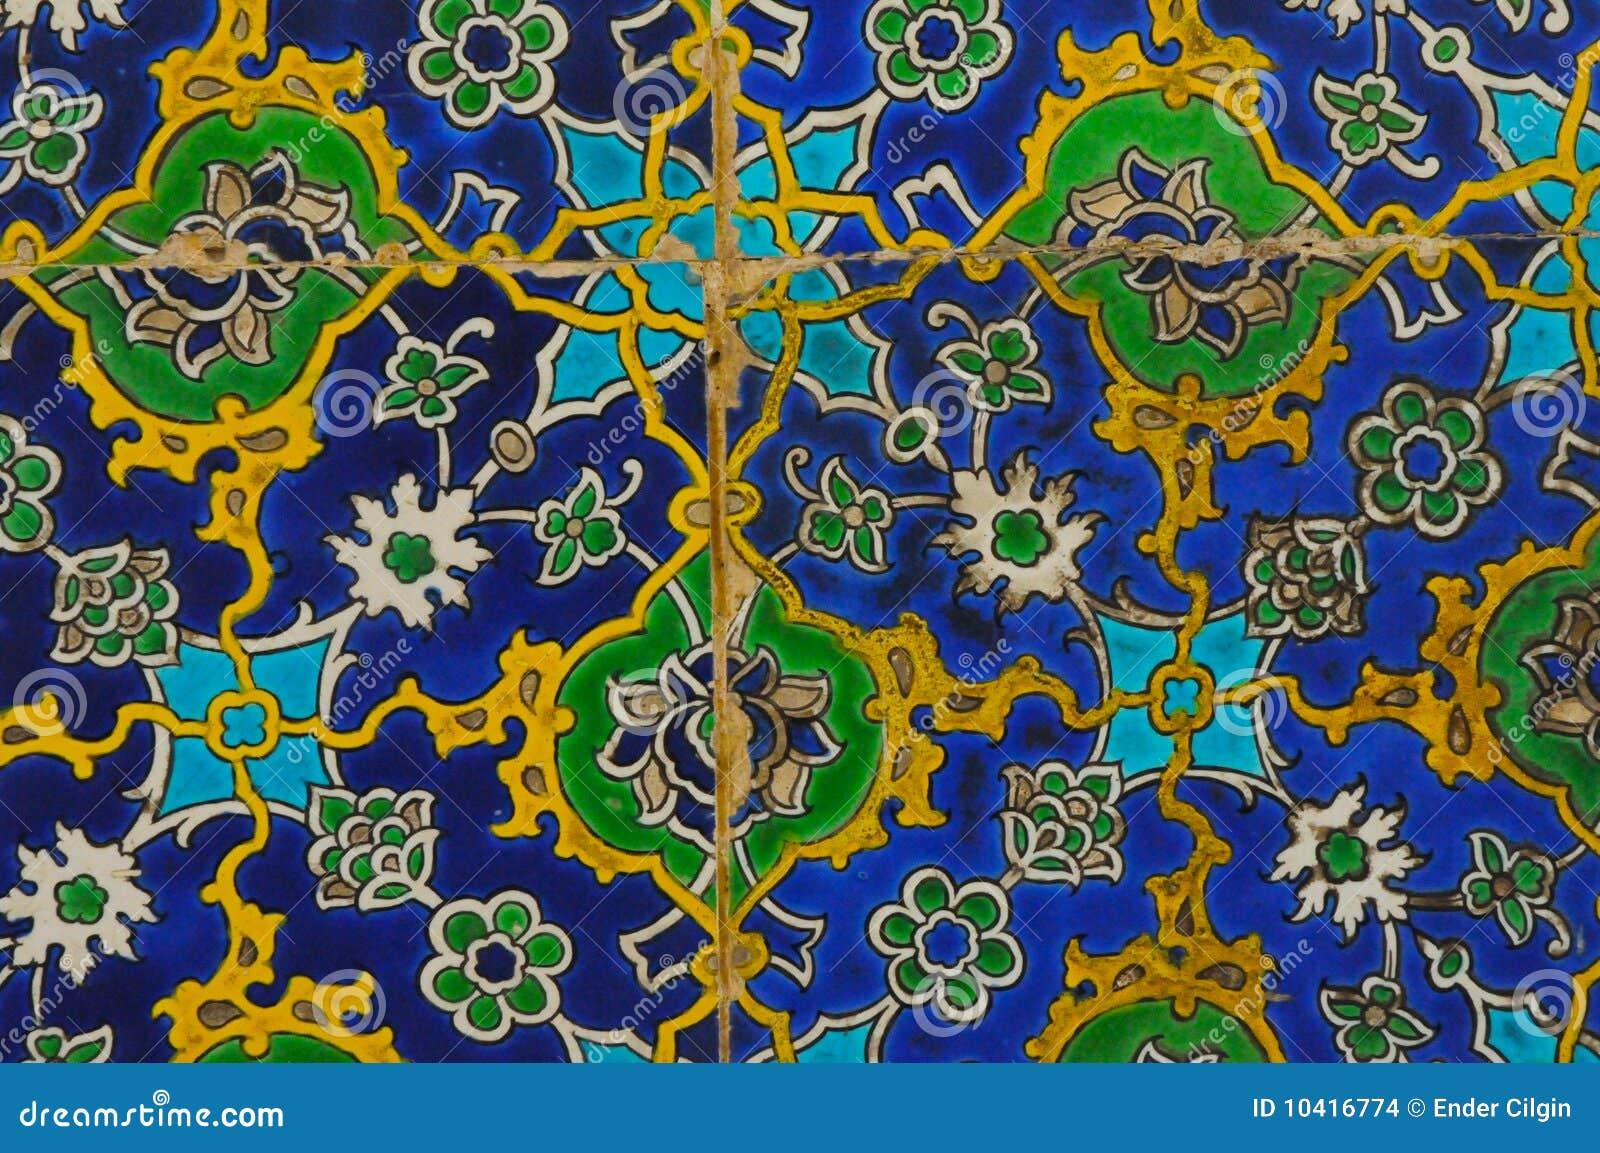 Orientalische fliesen stockfoto bild von architektur 10416774 - Orientalische fliesen ...